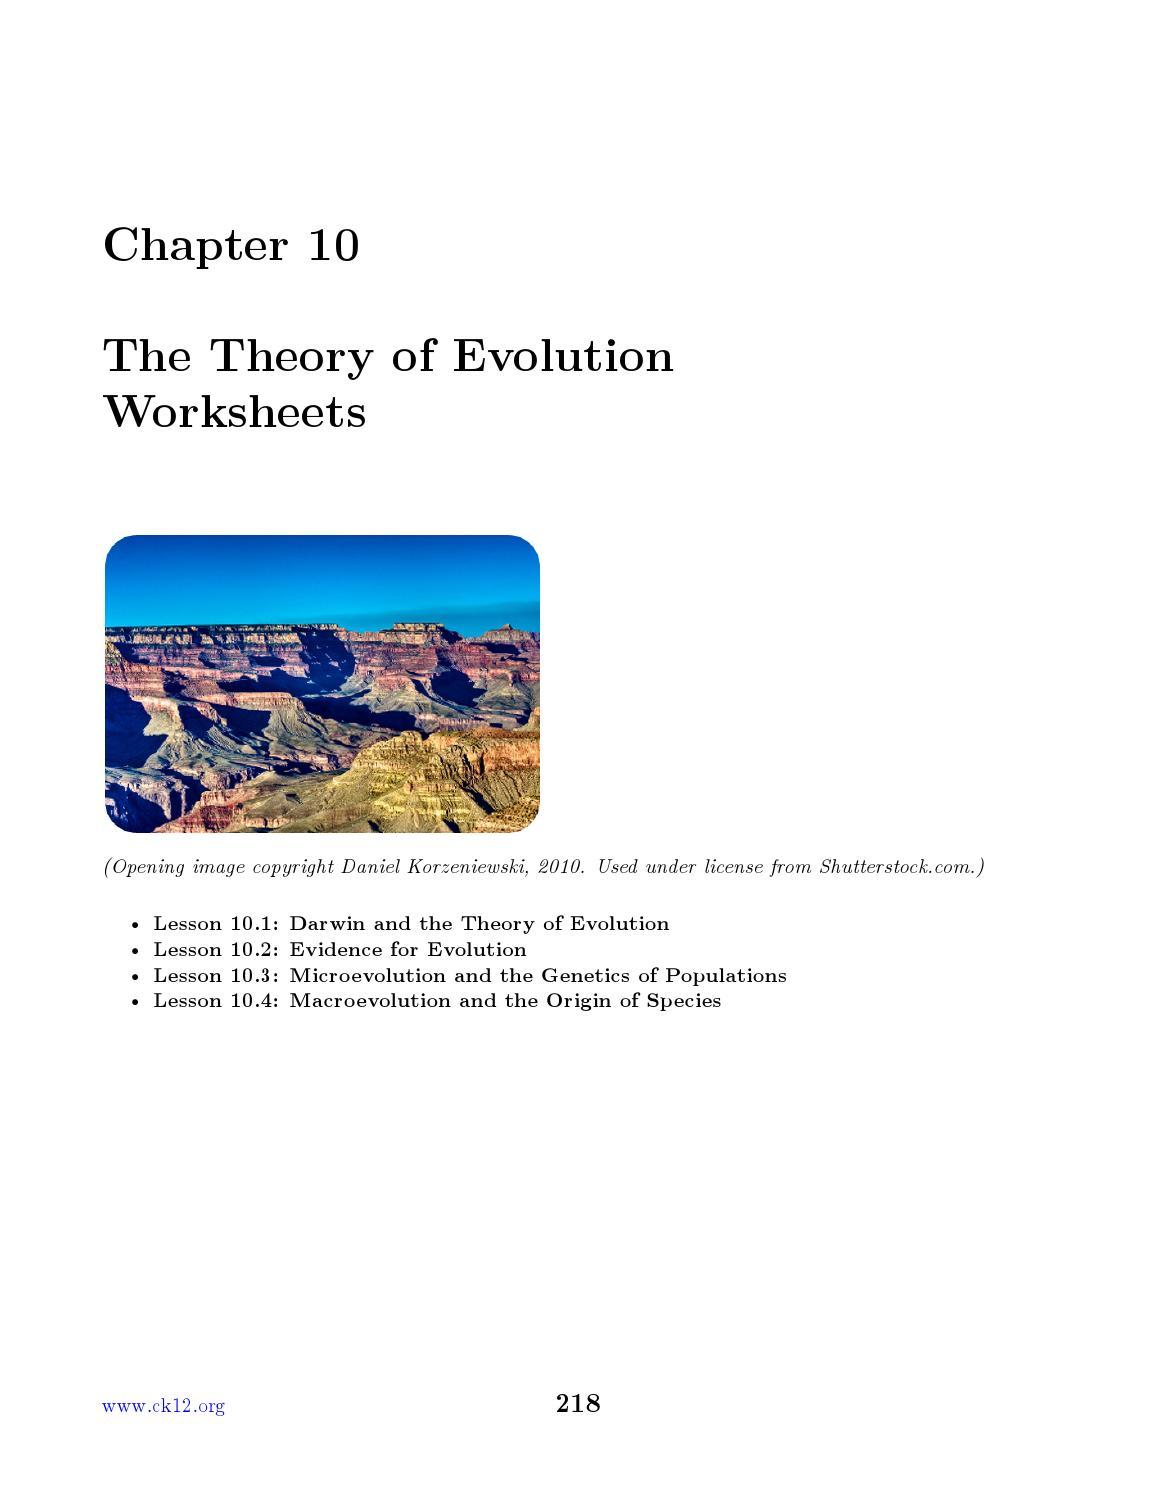 chapter 10 ck 12 biology chapter 10 worksheets by watabec issuu. Black Bedroom Furniture Sets. Home Design Ideas